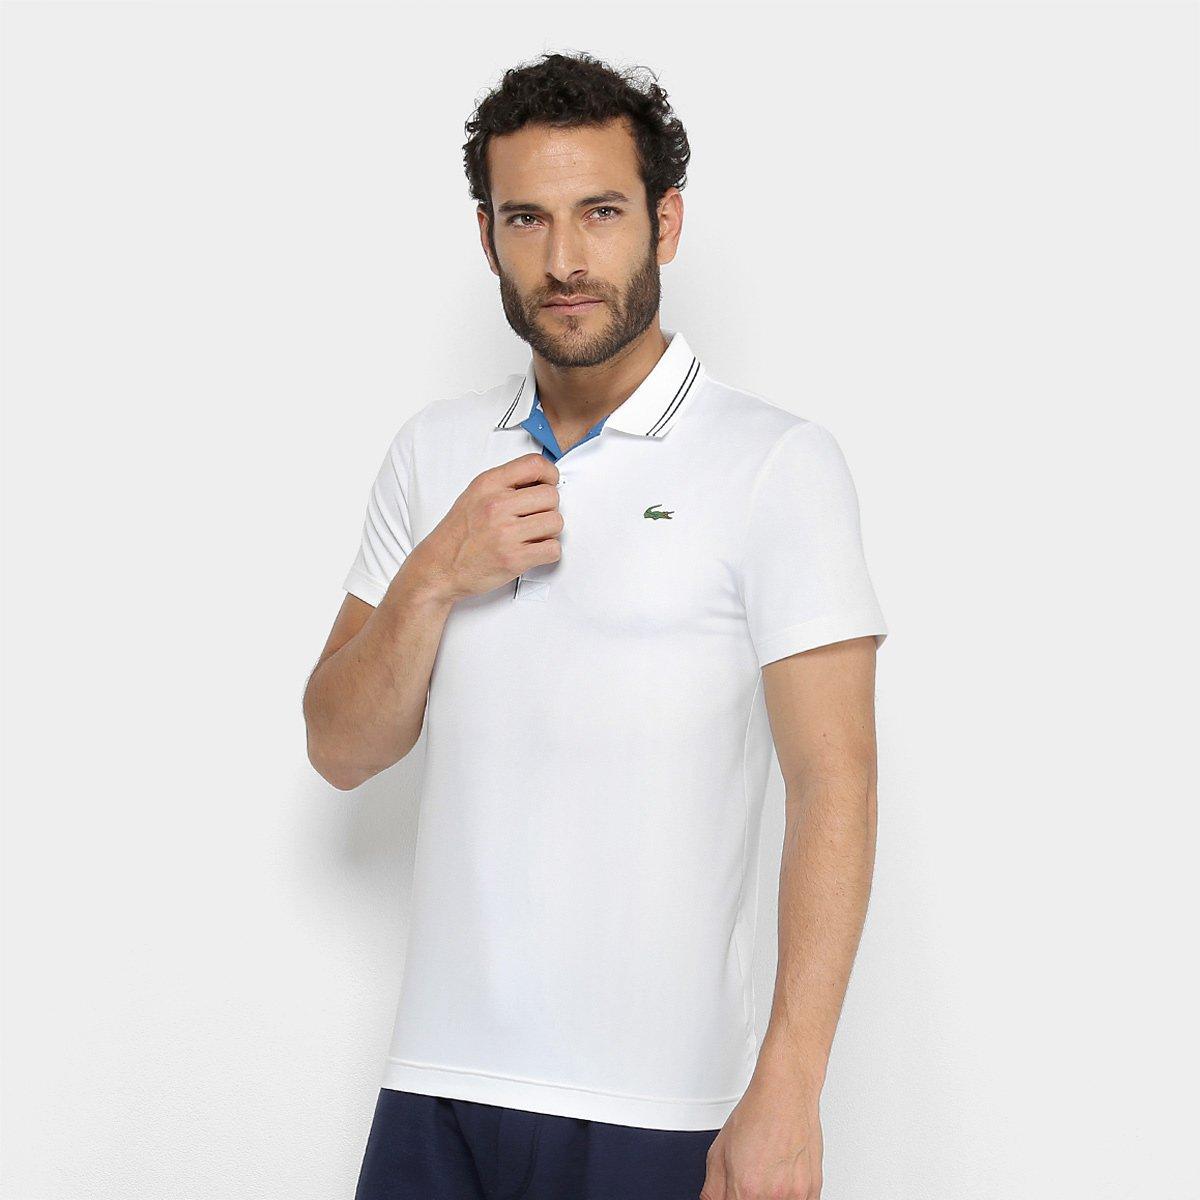 c16443922a1d2 Camisa Polo Lacoste Golf Sport Strech Masculina - Branco e Azul - Compre  Agora